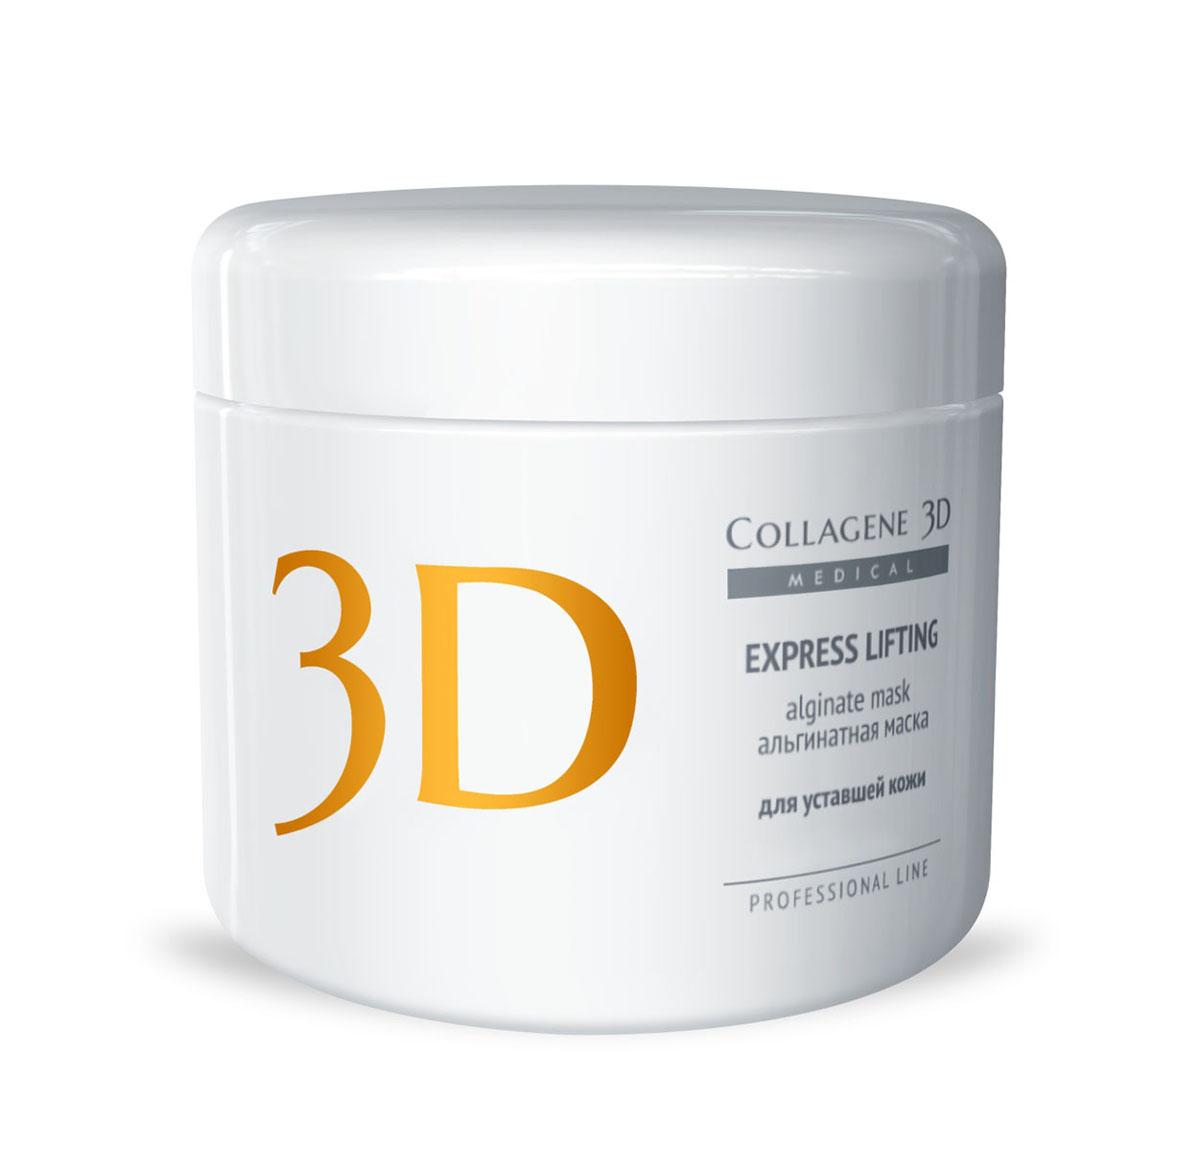 Medical Collagene 3D Альгинатная маска для лица и тела Express Lifting, 200 г22004Высокоэффективная, пластифицирующая маска на основе лучшего натурального сырья. Лидер среди средств коррекции овала лица. Экстракт Женьшеня входящий в состав маски является мощным биостимулятором.